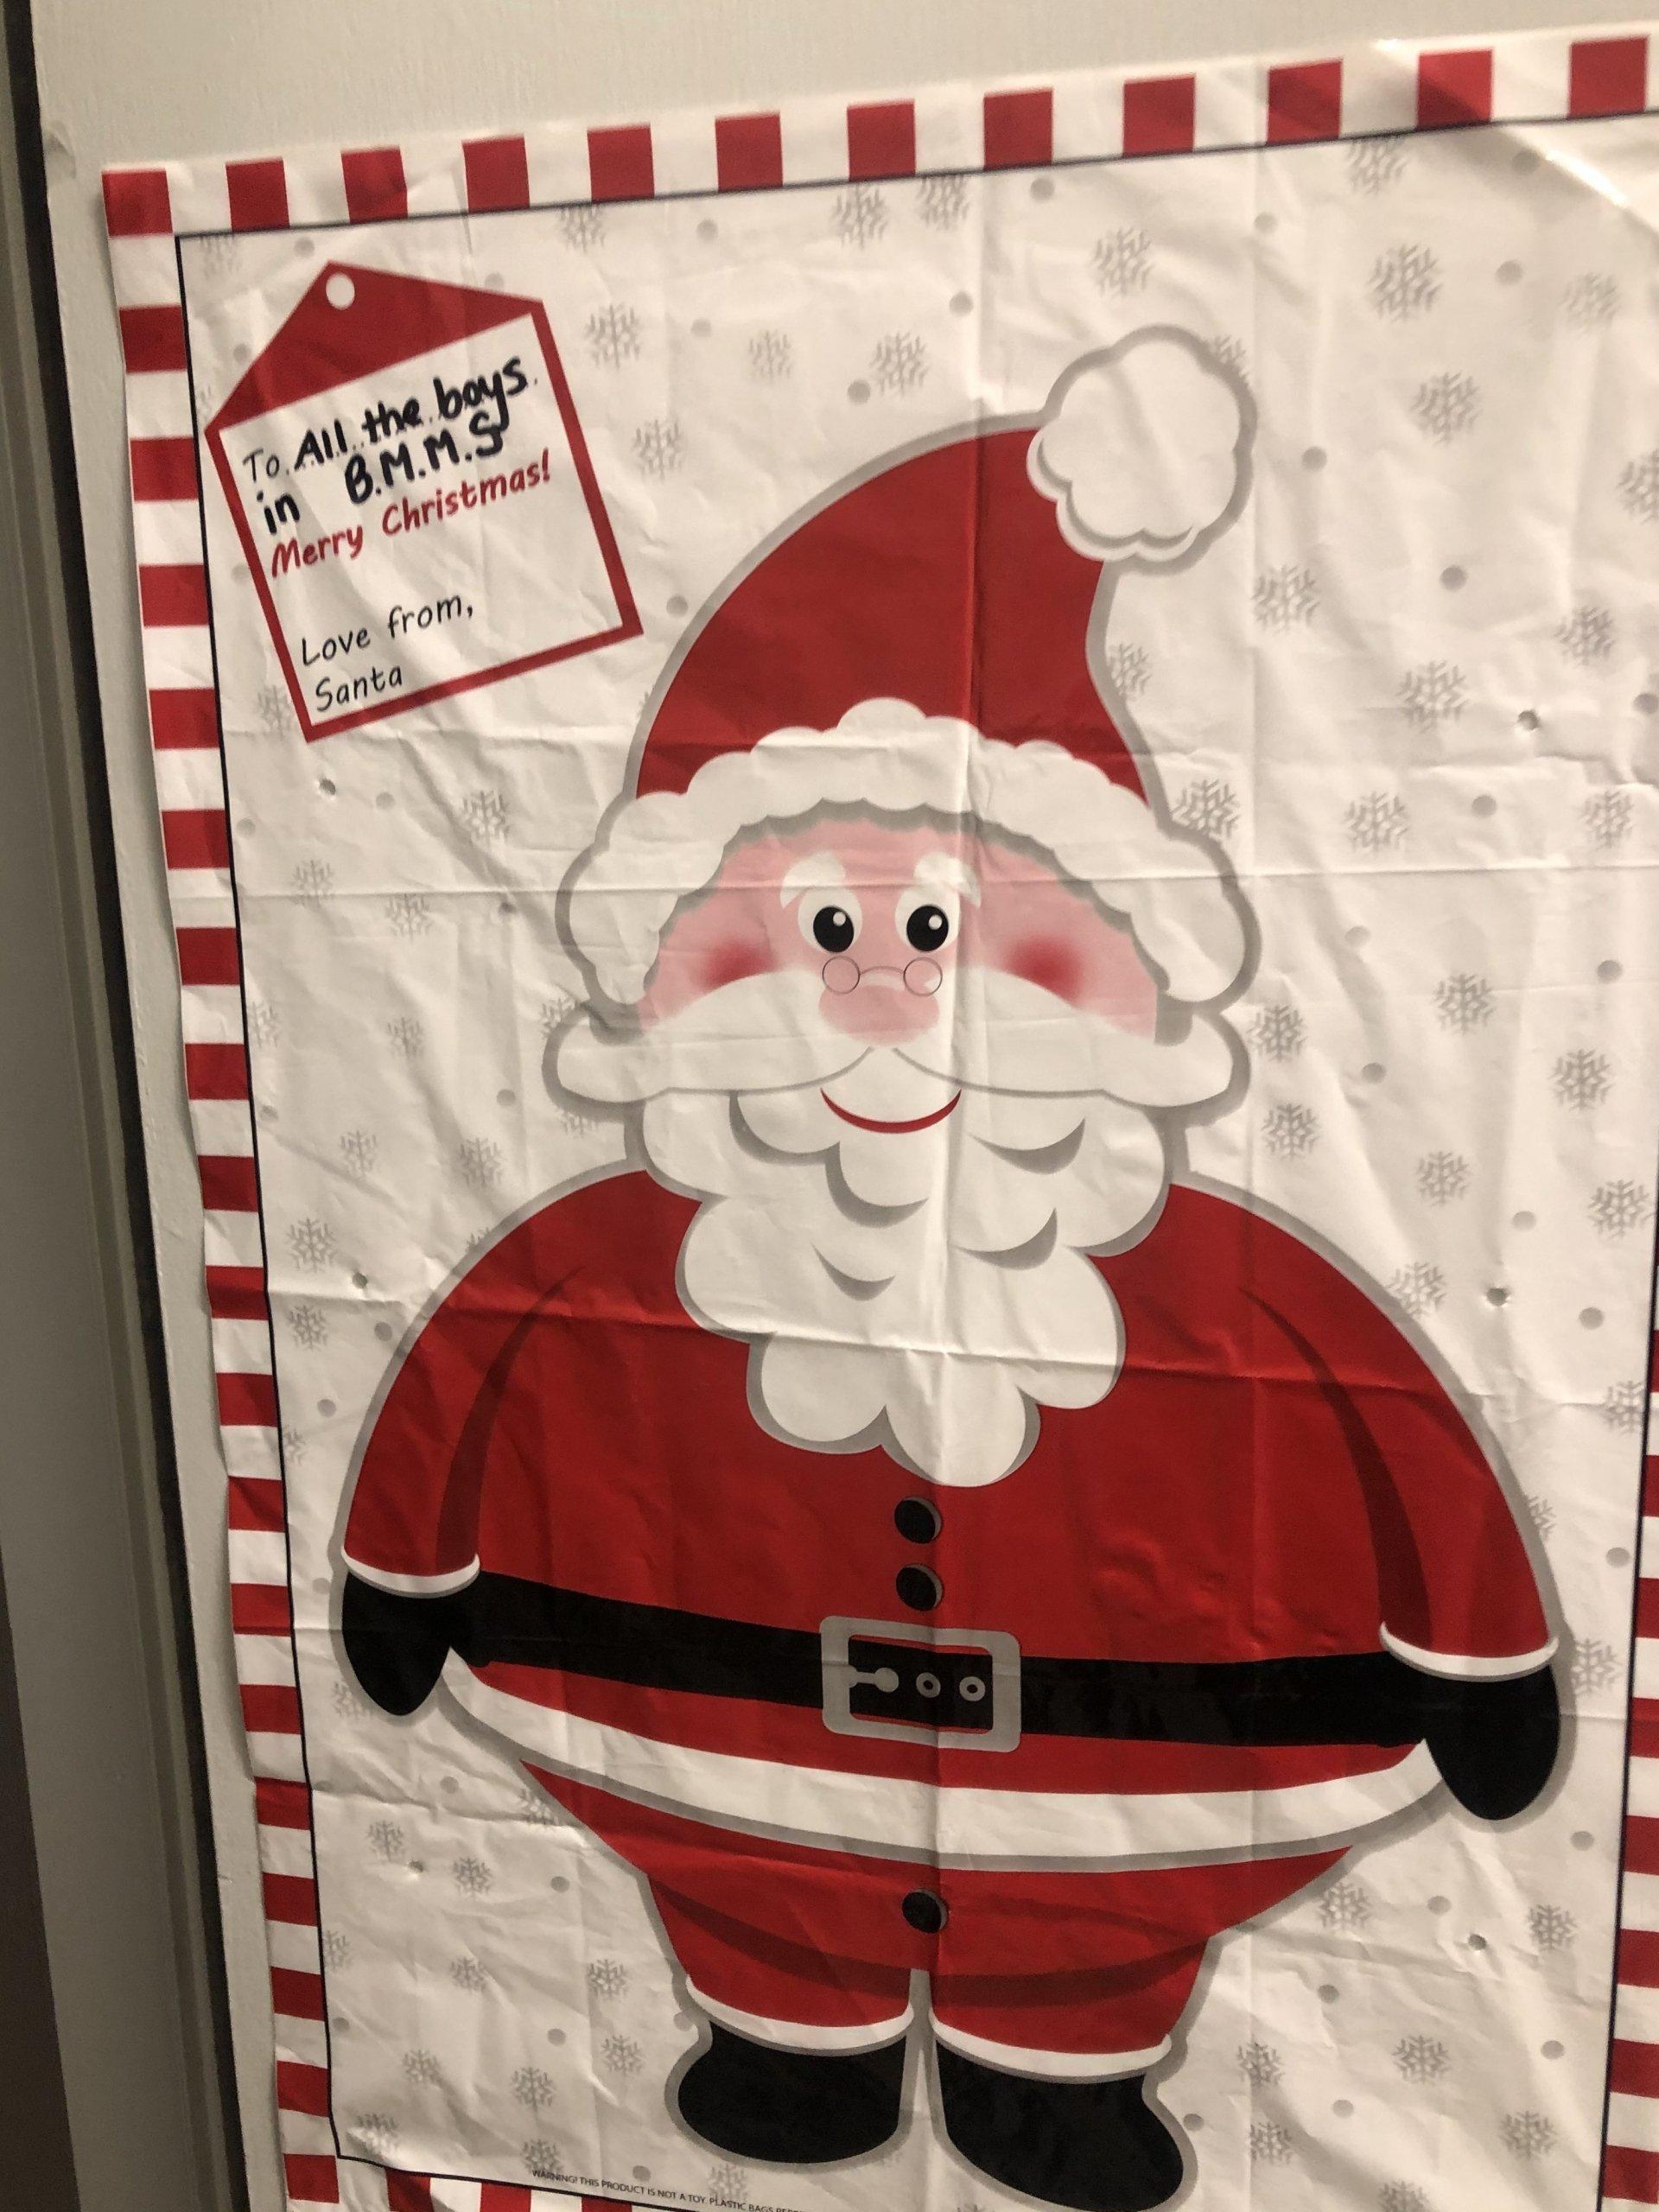 Christmas at BMMS